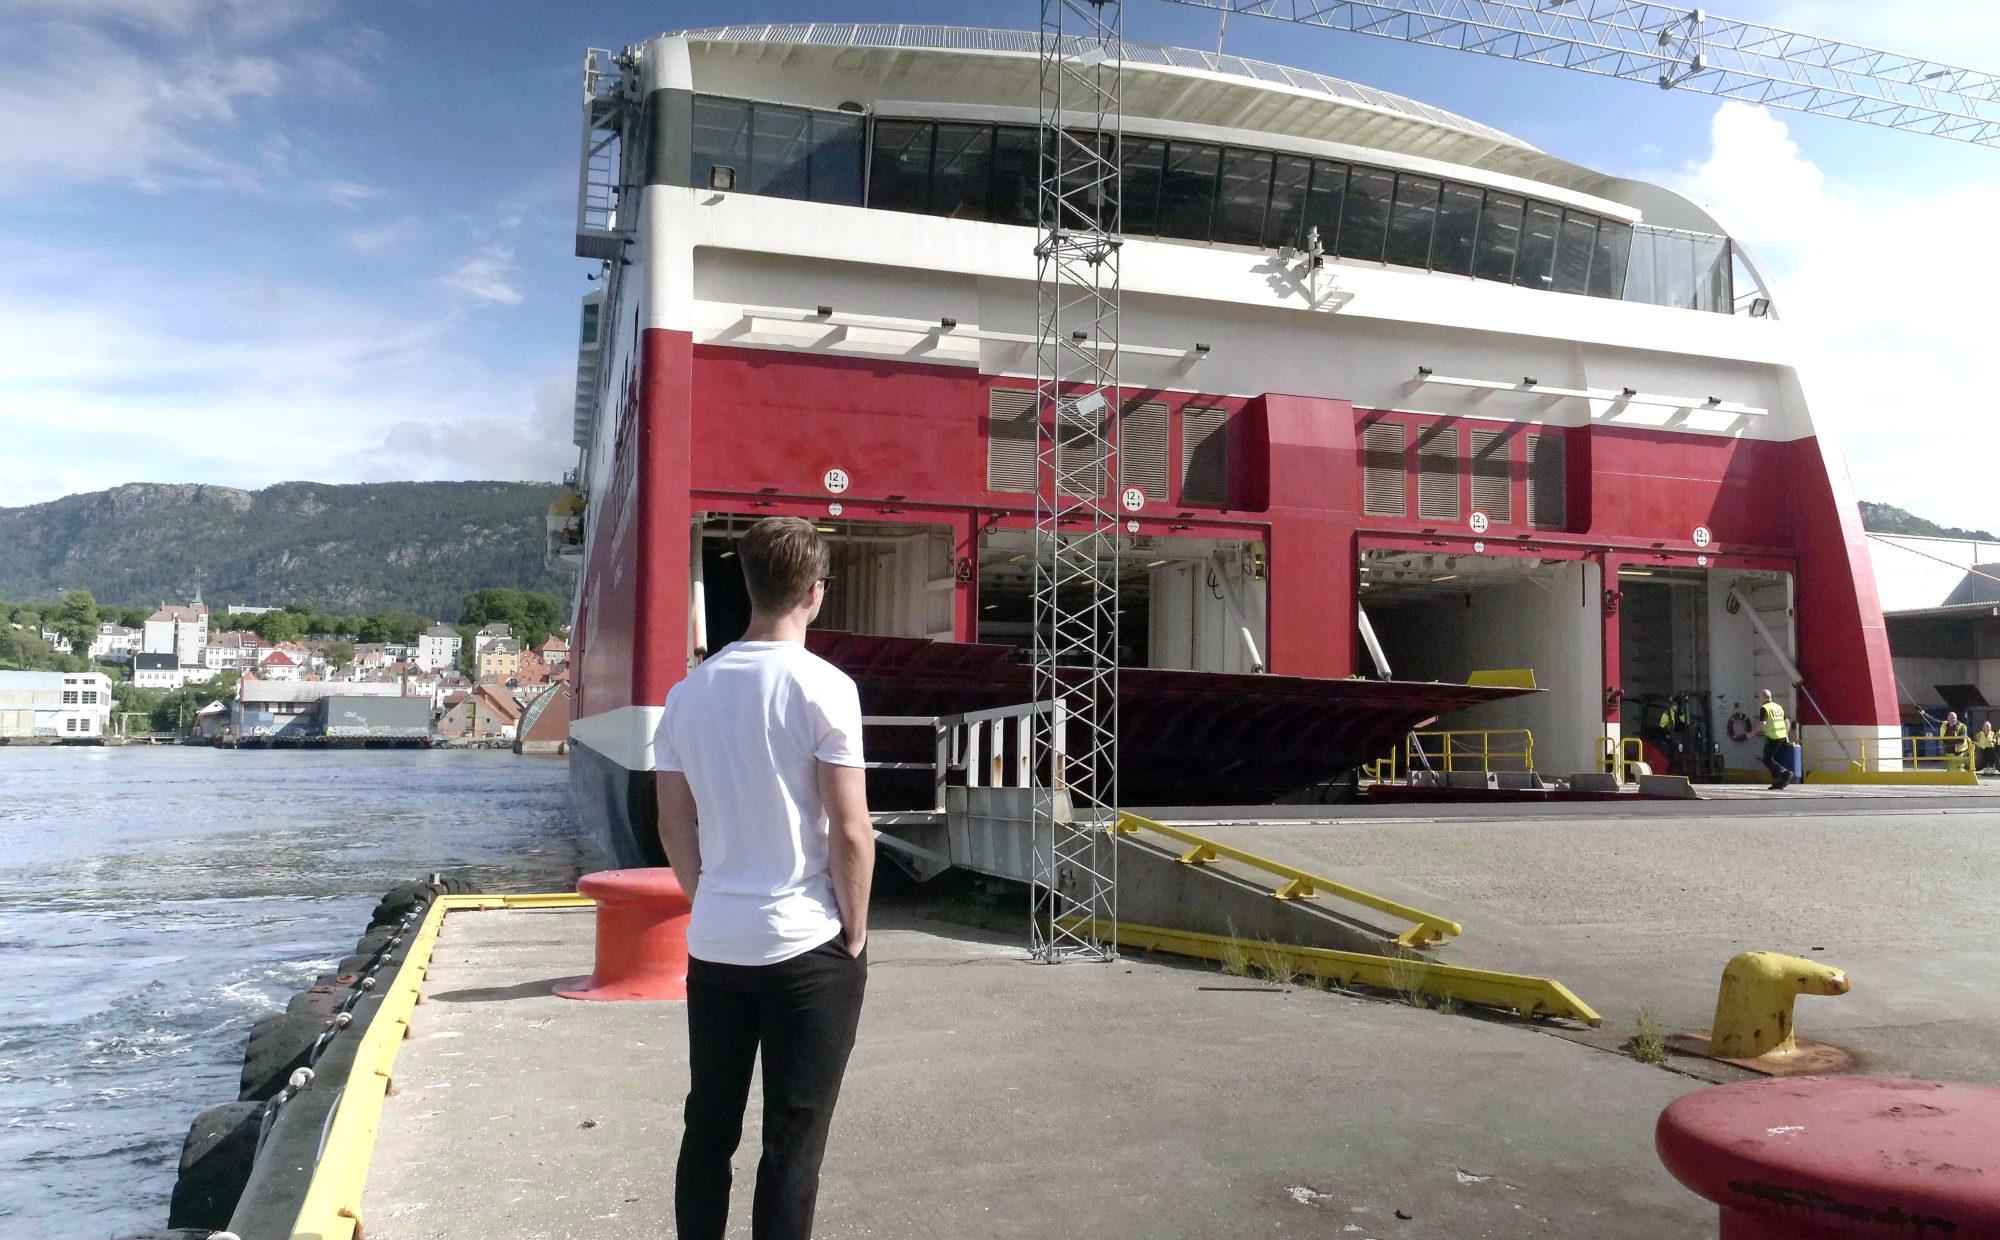 Foto: Fjord Line